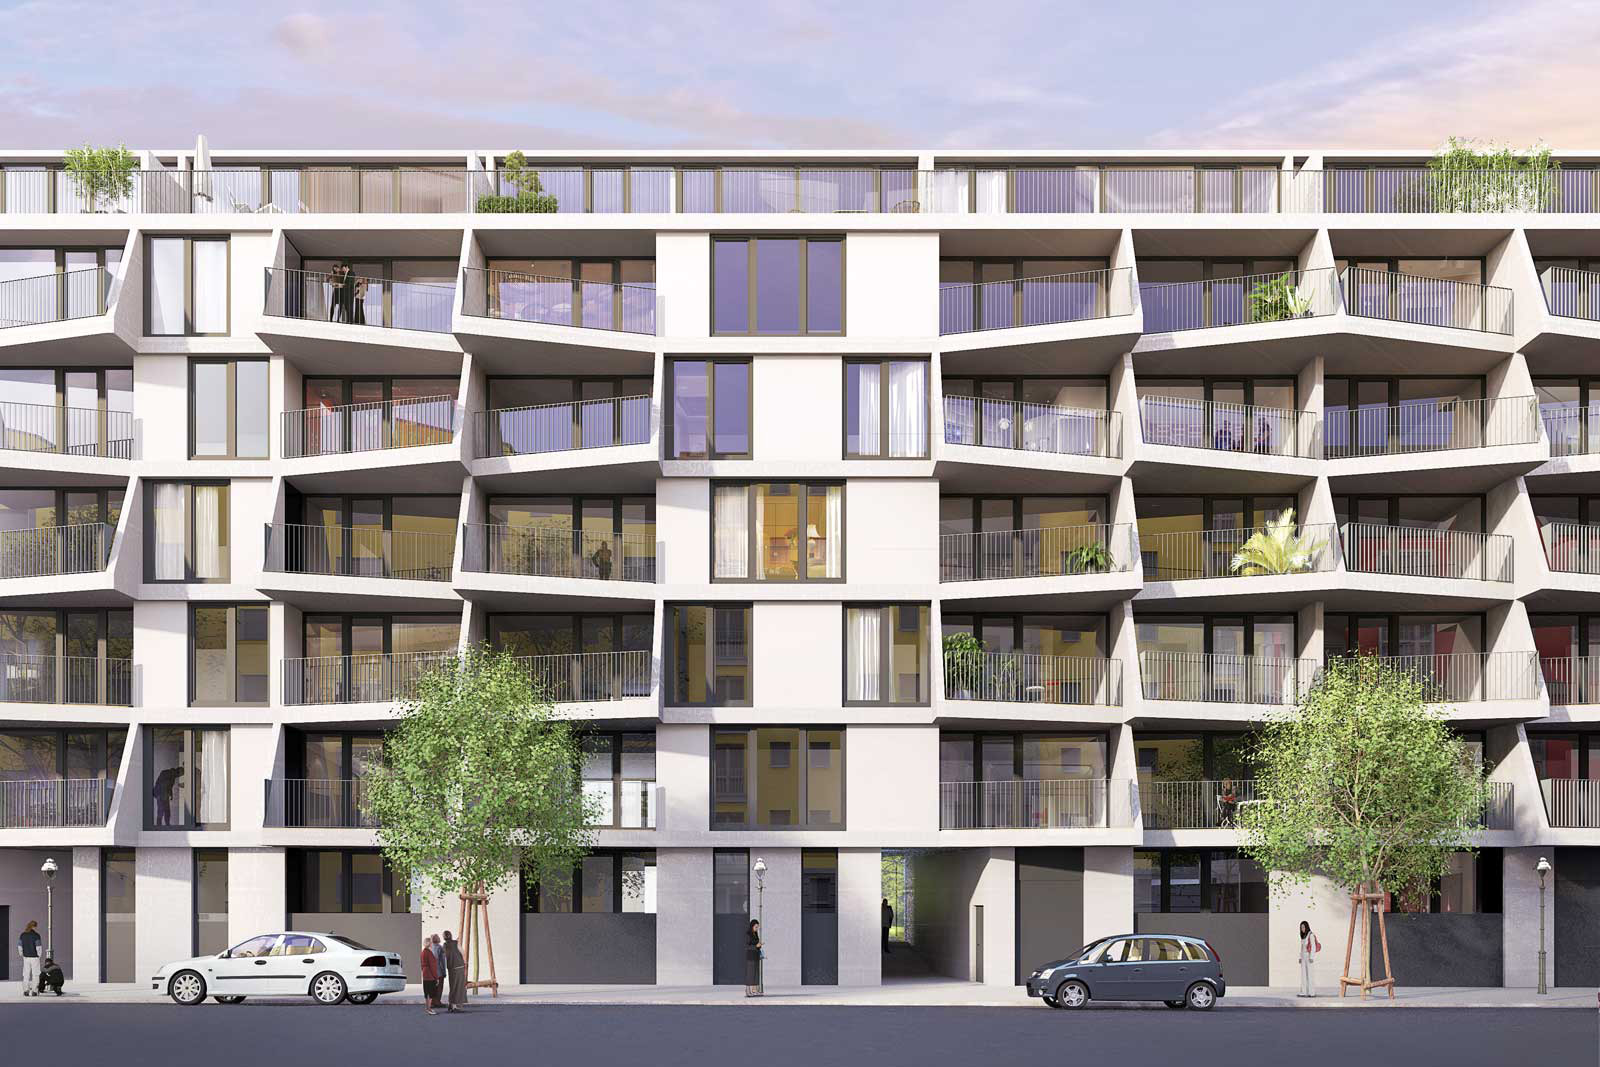 Bouchegaerten-Impression-Fassadenflaeche